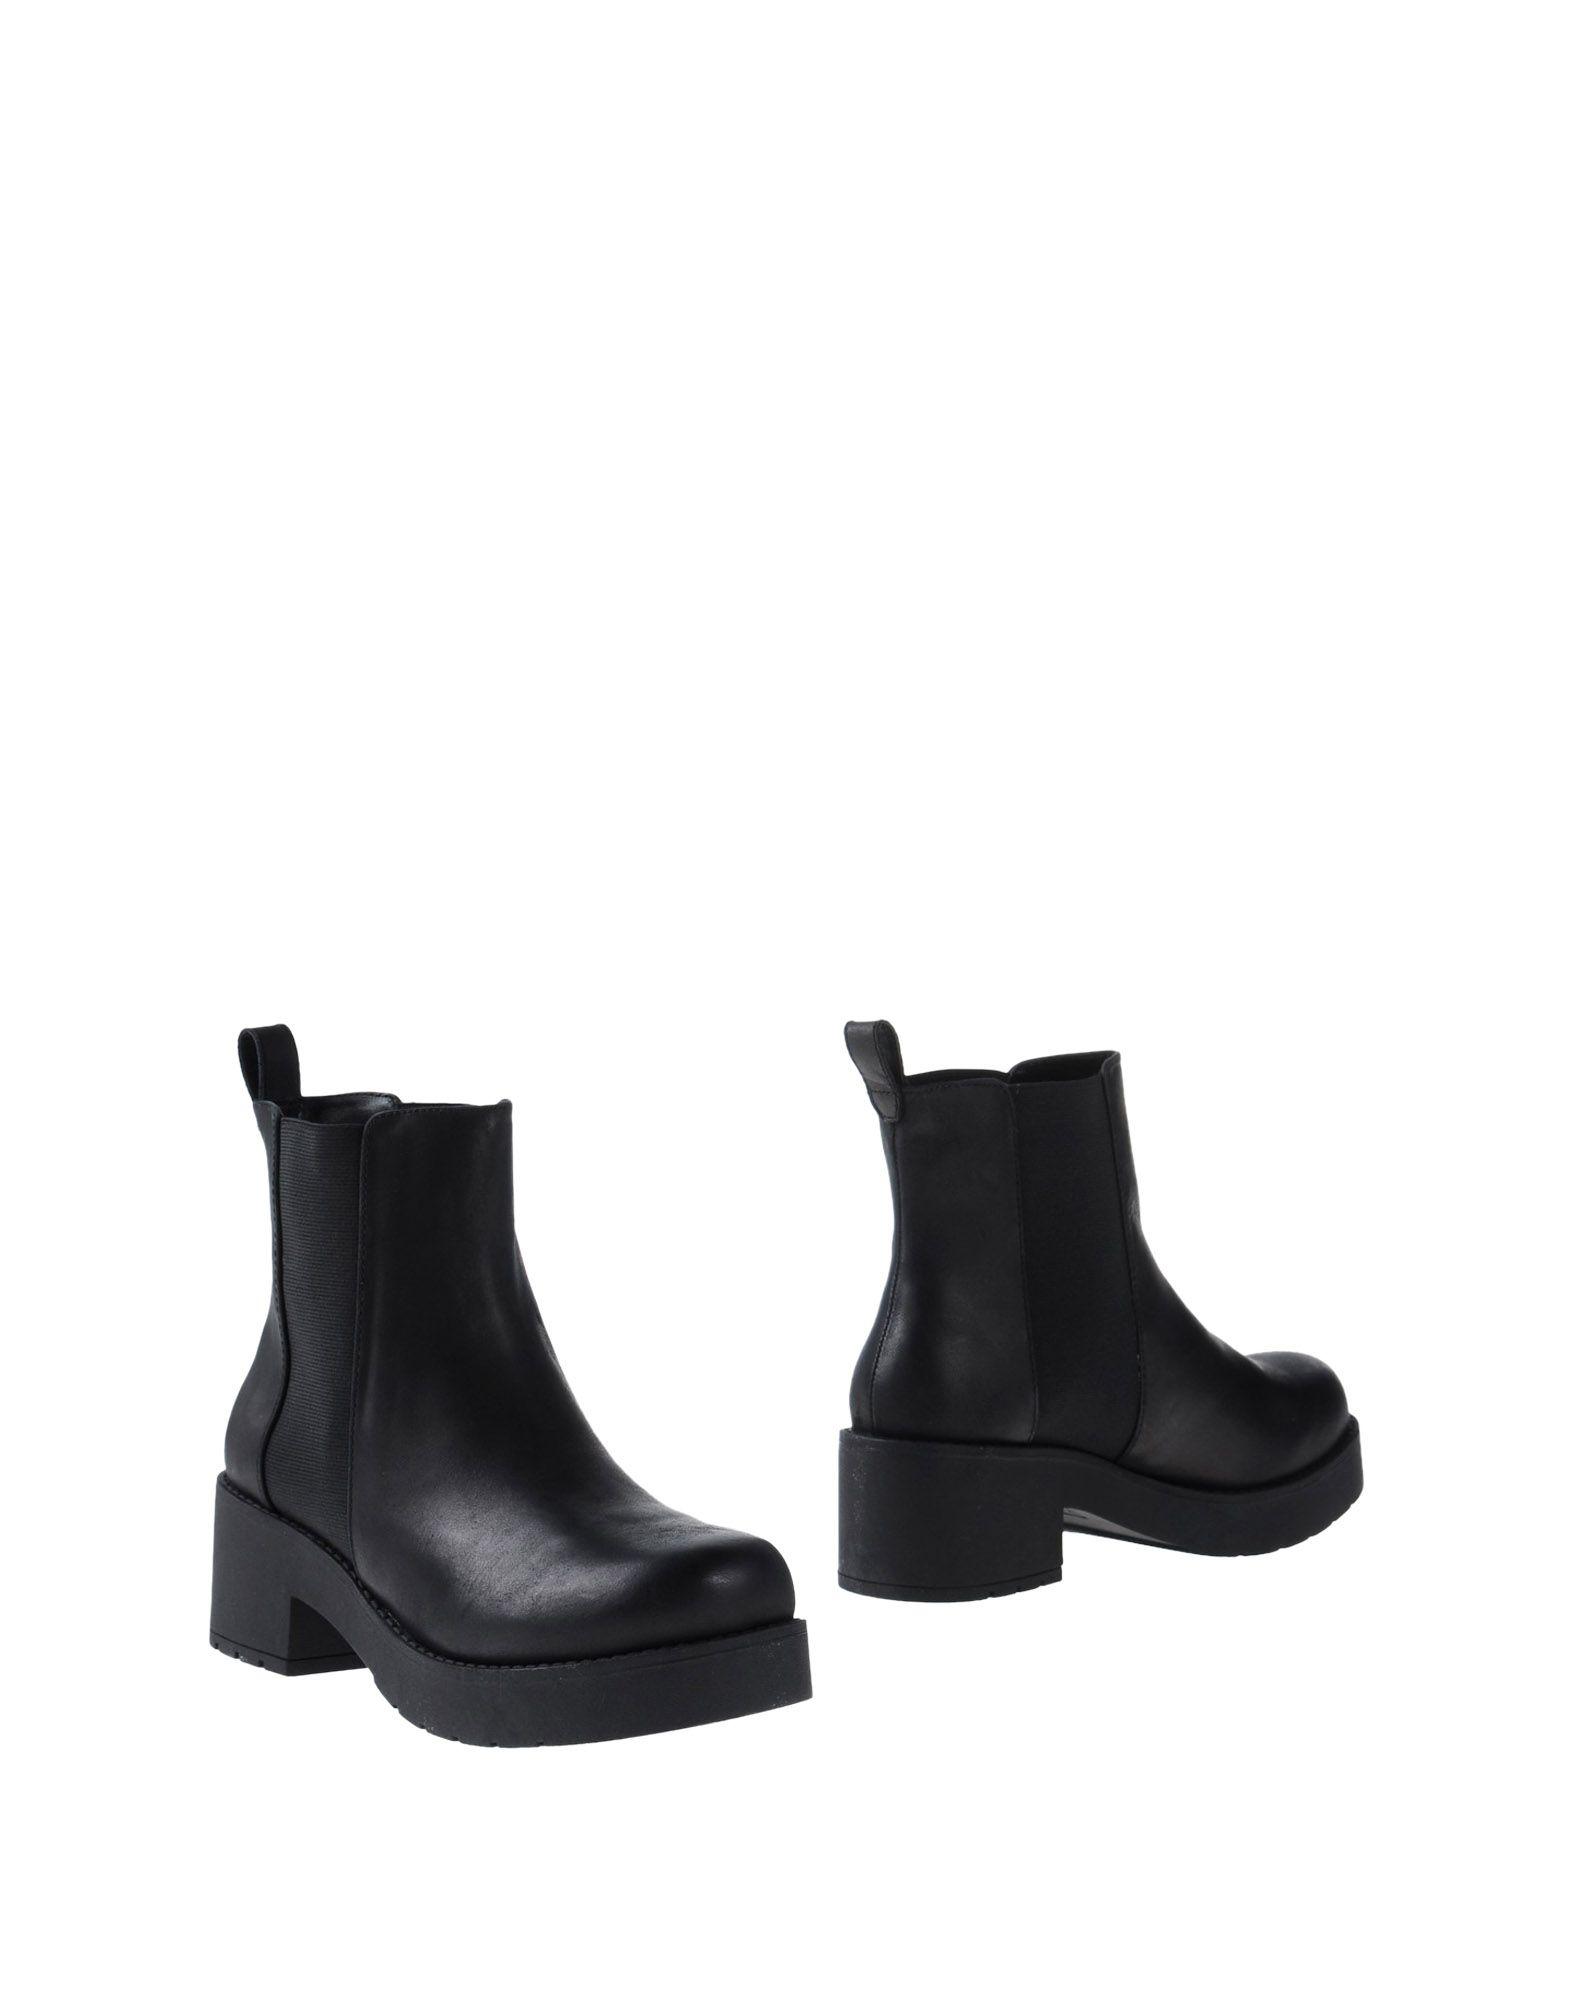 Windsor Smith Stiefelette Damen  11023658WU Gute Qualität beliebte Schuhe